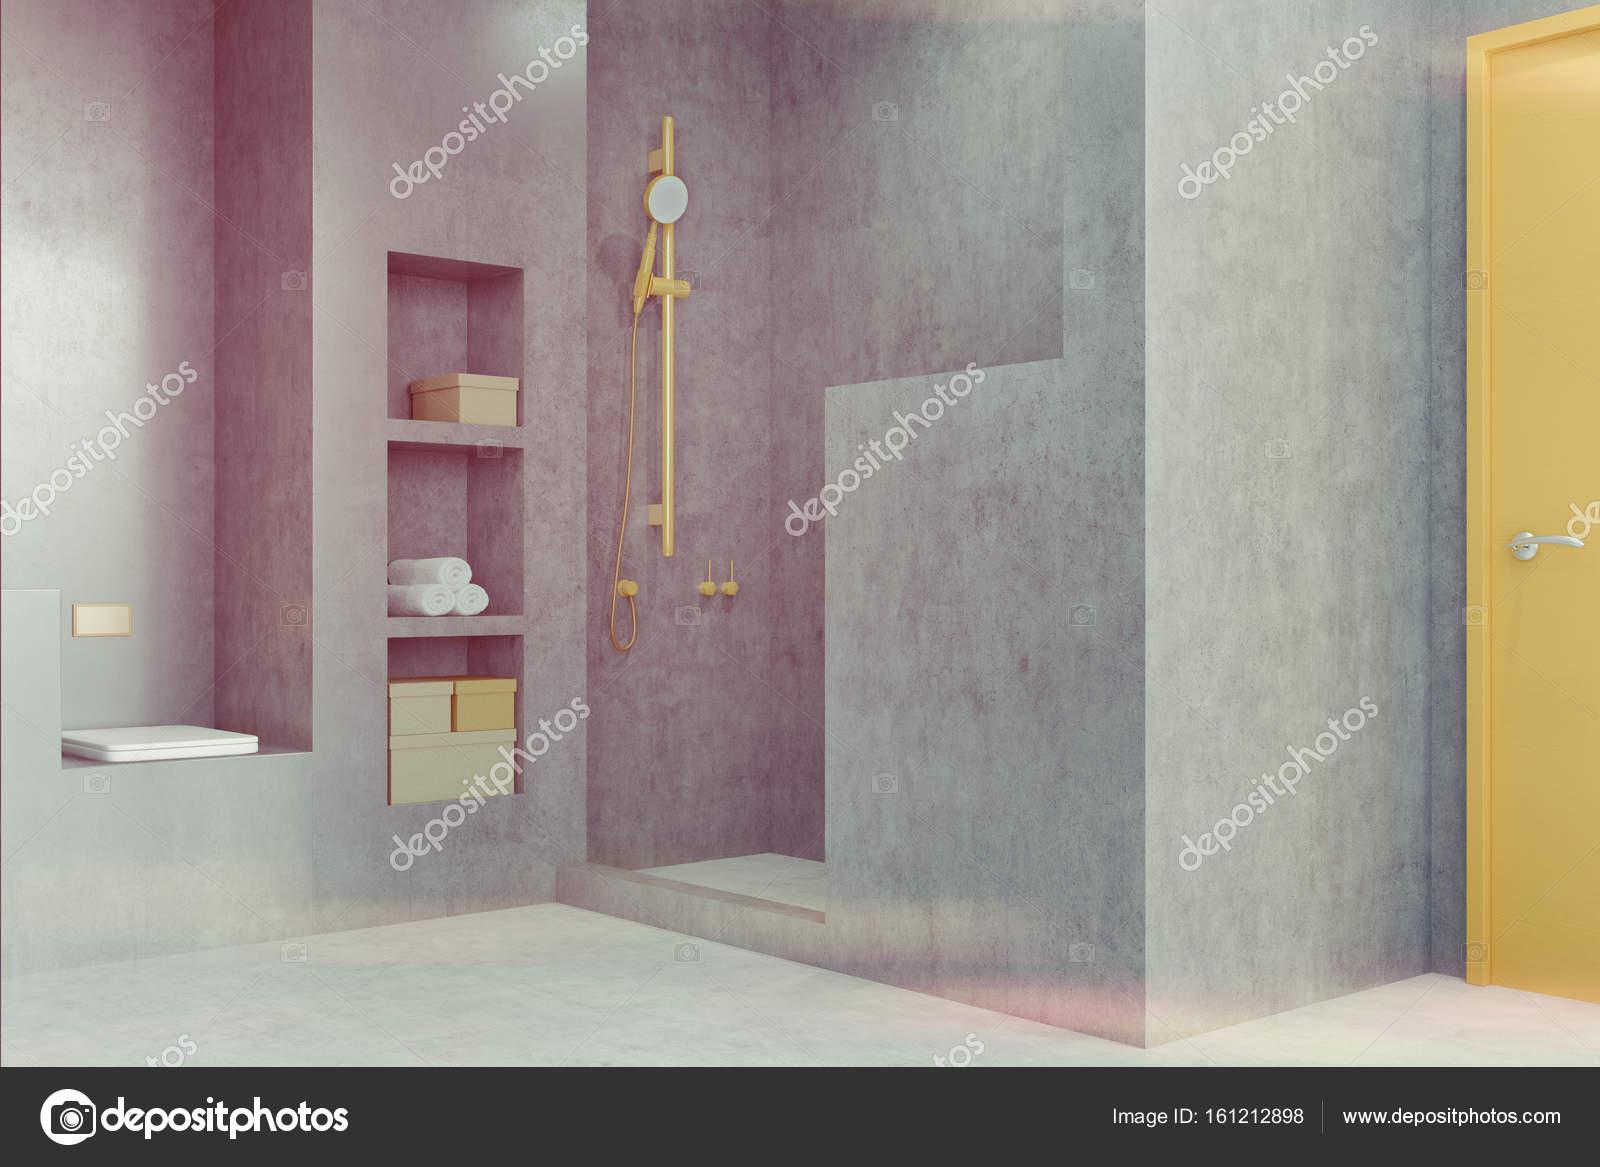 Graue Badezimmer Interieur Mit Einer Dusche, Einem Regal Und Einen  Kleiderschrank. Marmorboden, Modernes Design. Konzept Für Ein Gemütliches  Zuhause.